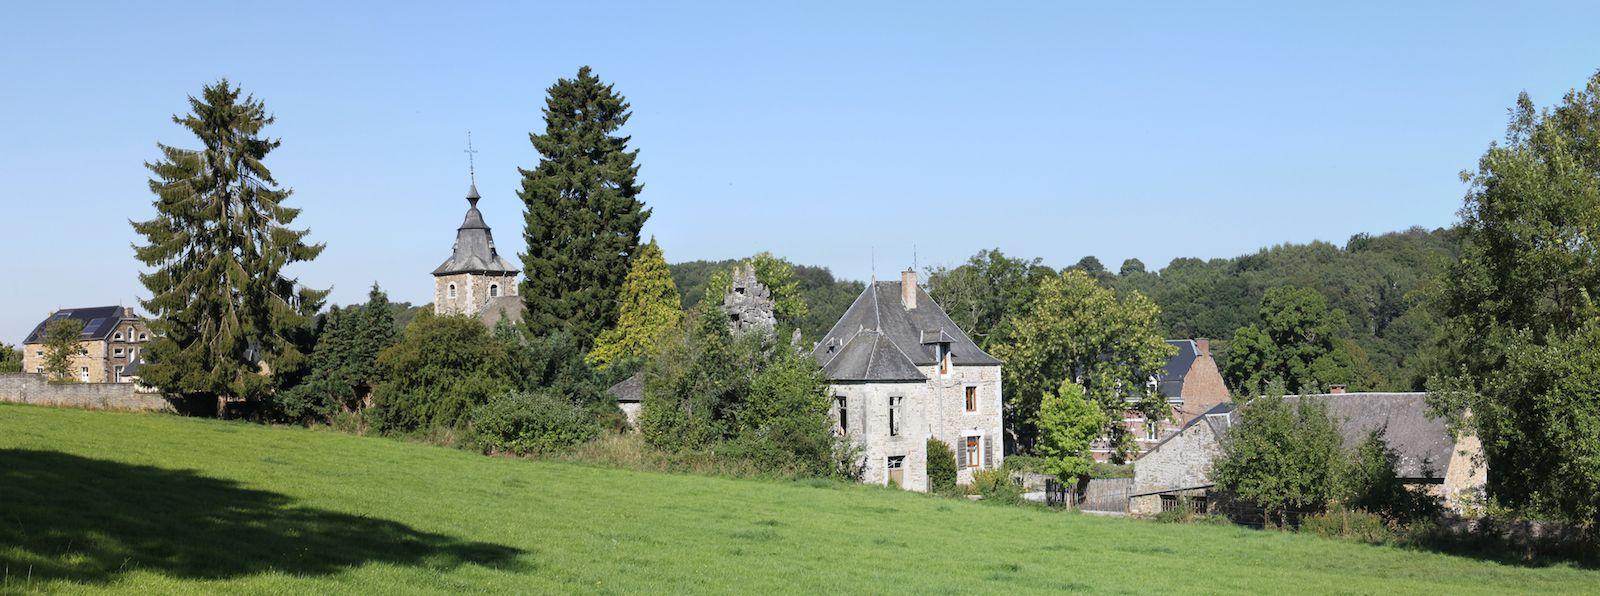 Le village de Crupet - © Mark Rossignol - Les Plus Beaux Villages de Wallonie http://www.beauxvillages.be/default.asp?iId=GFFDEE